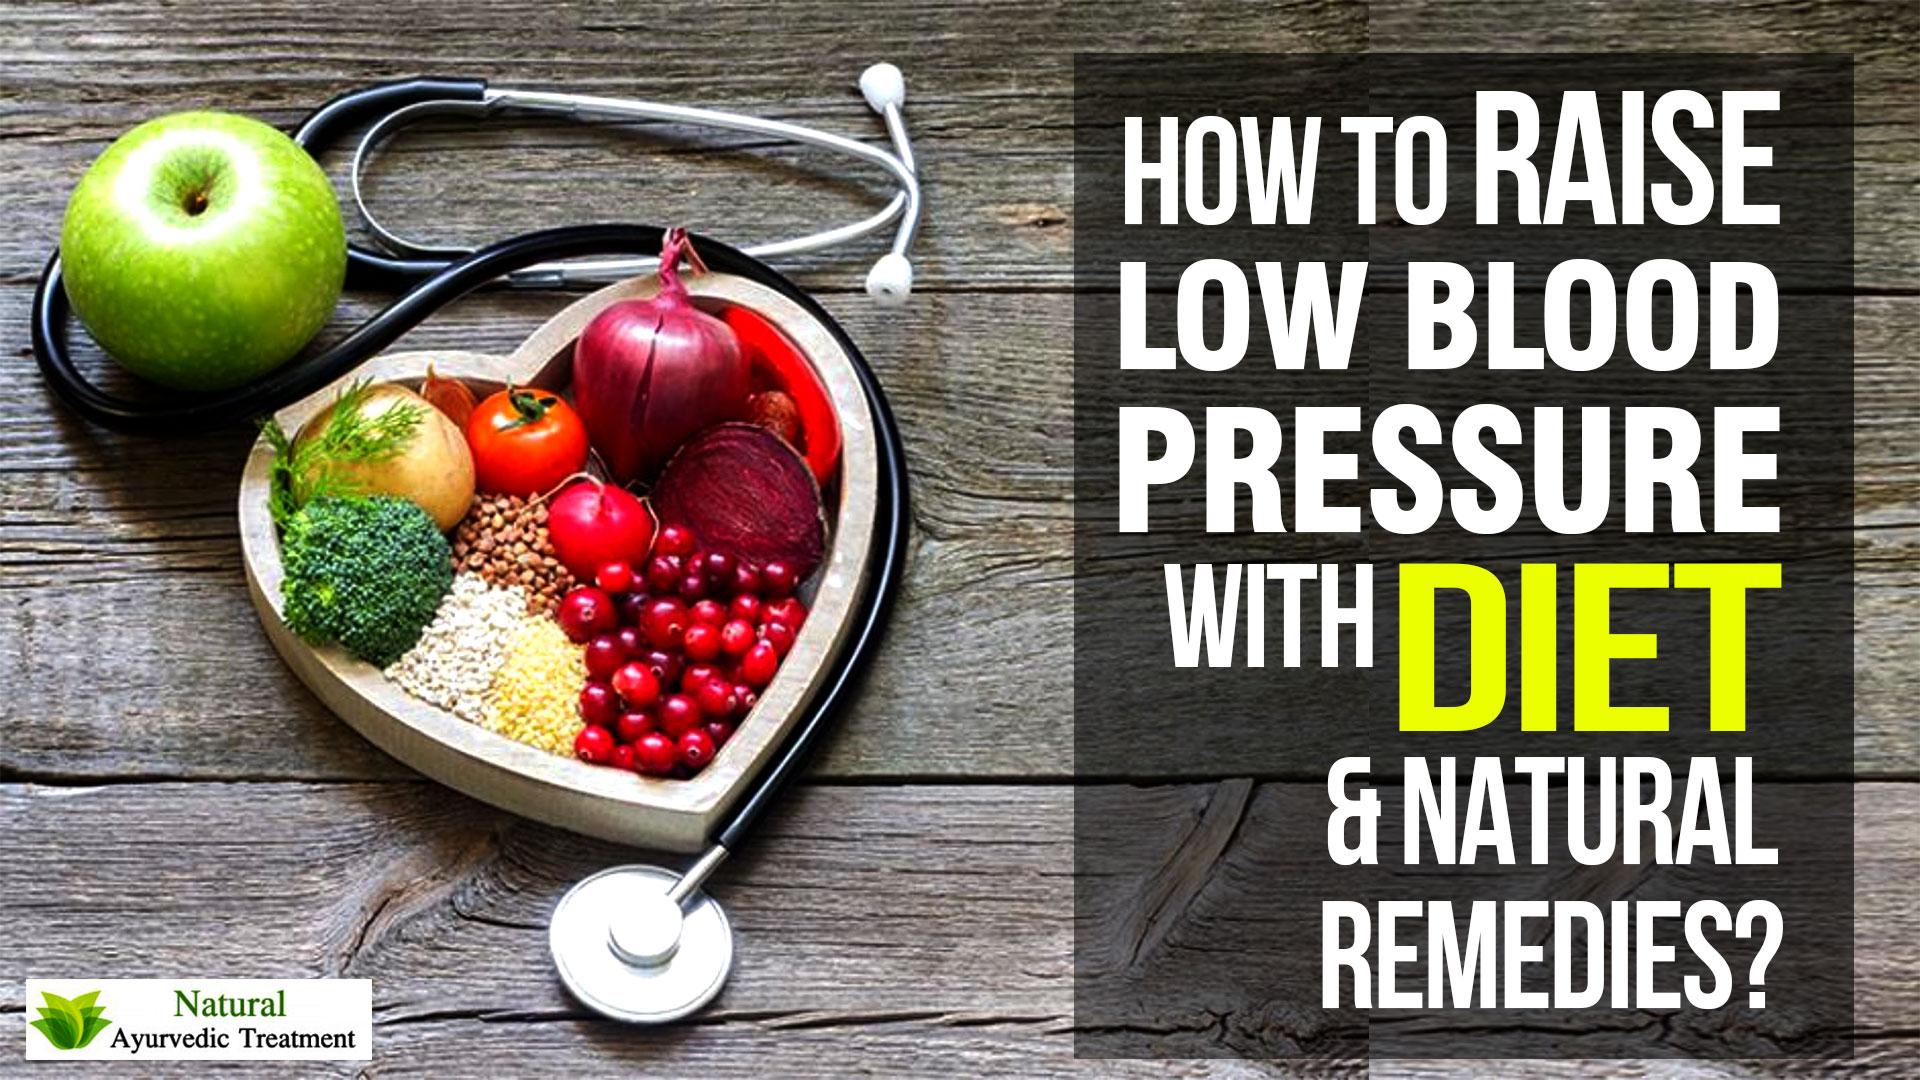 can a diet raise blood pressure